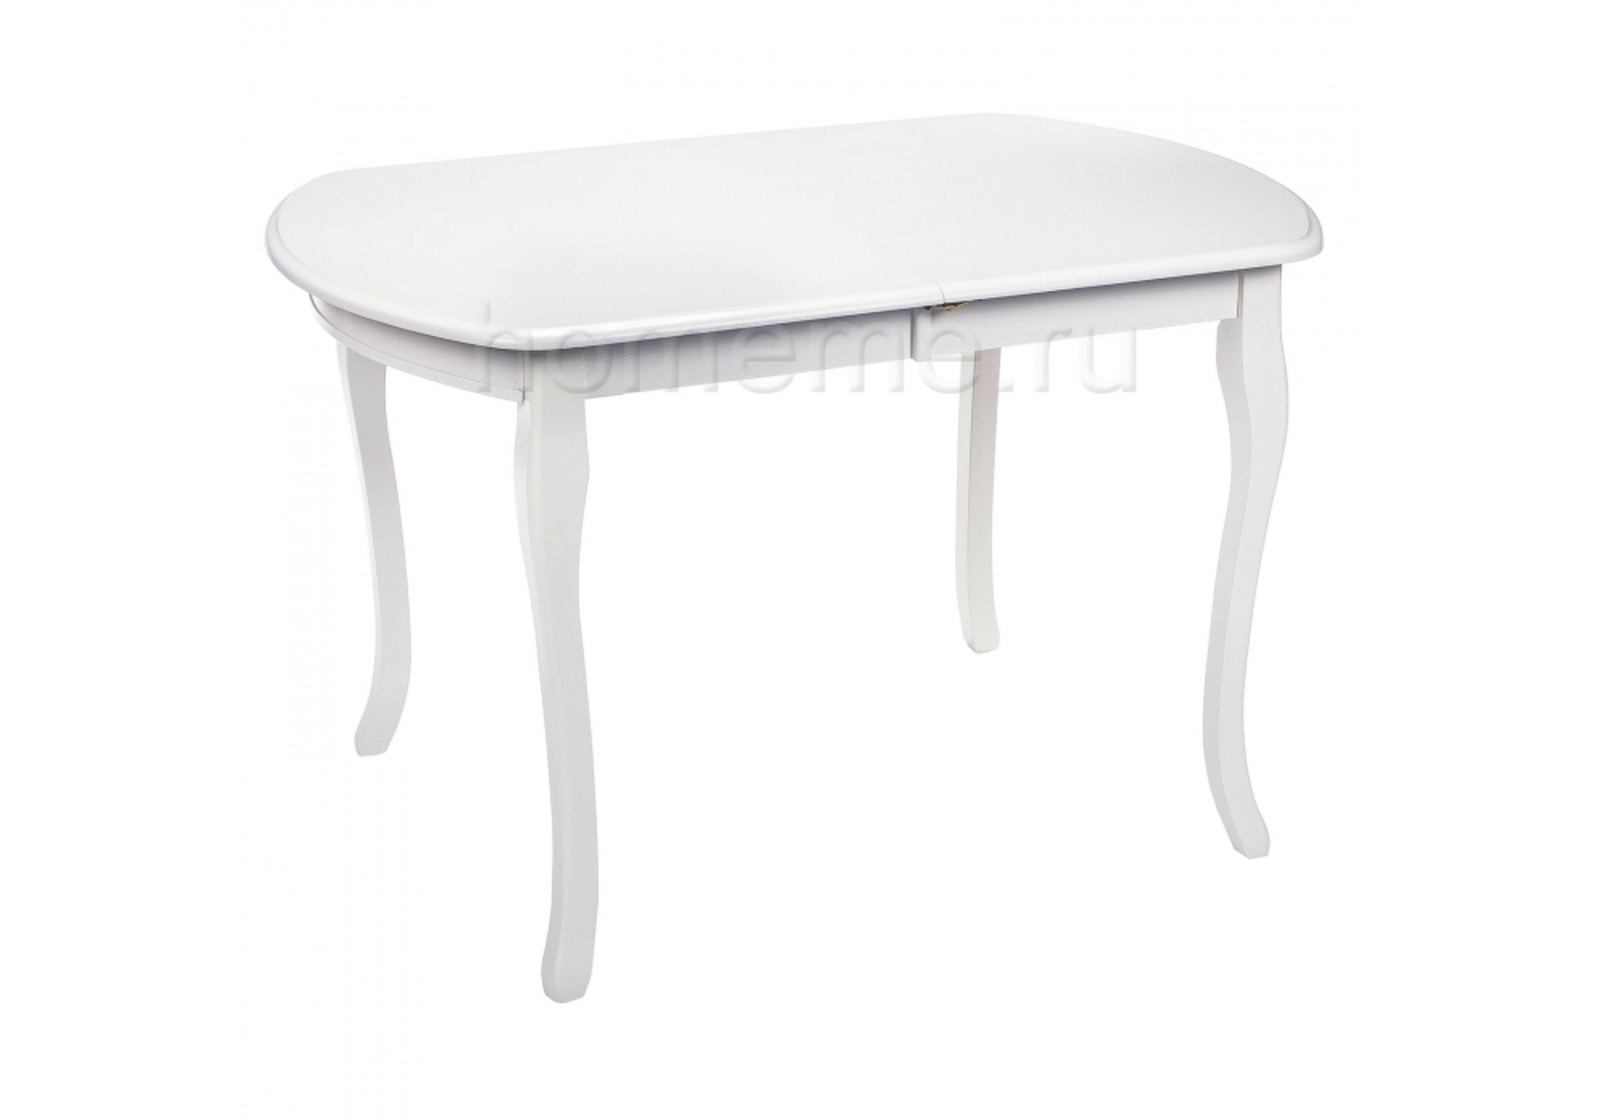 Кухонный стол HomeMe Alicante молочный 1402 от Homeme.ru